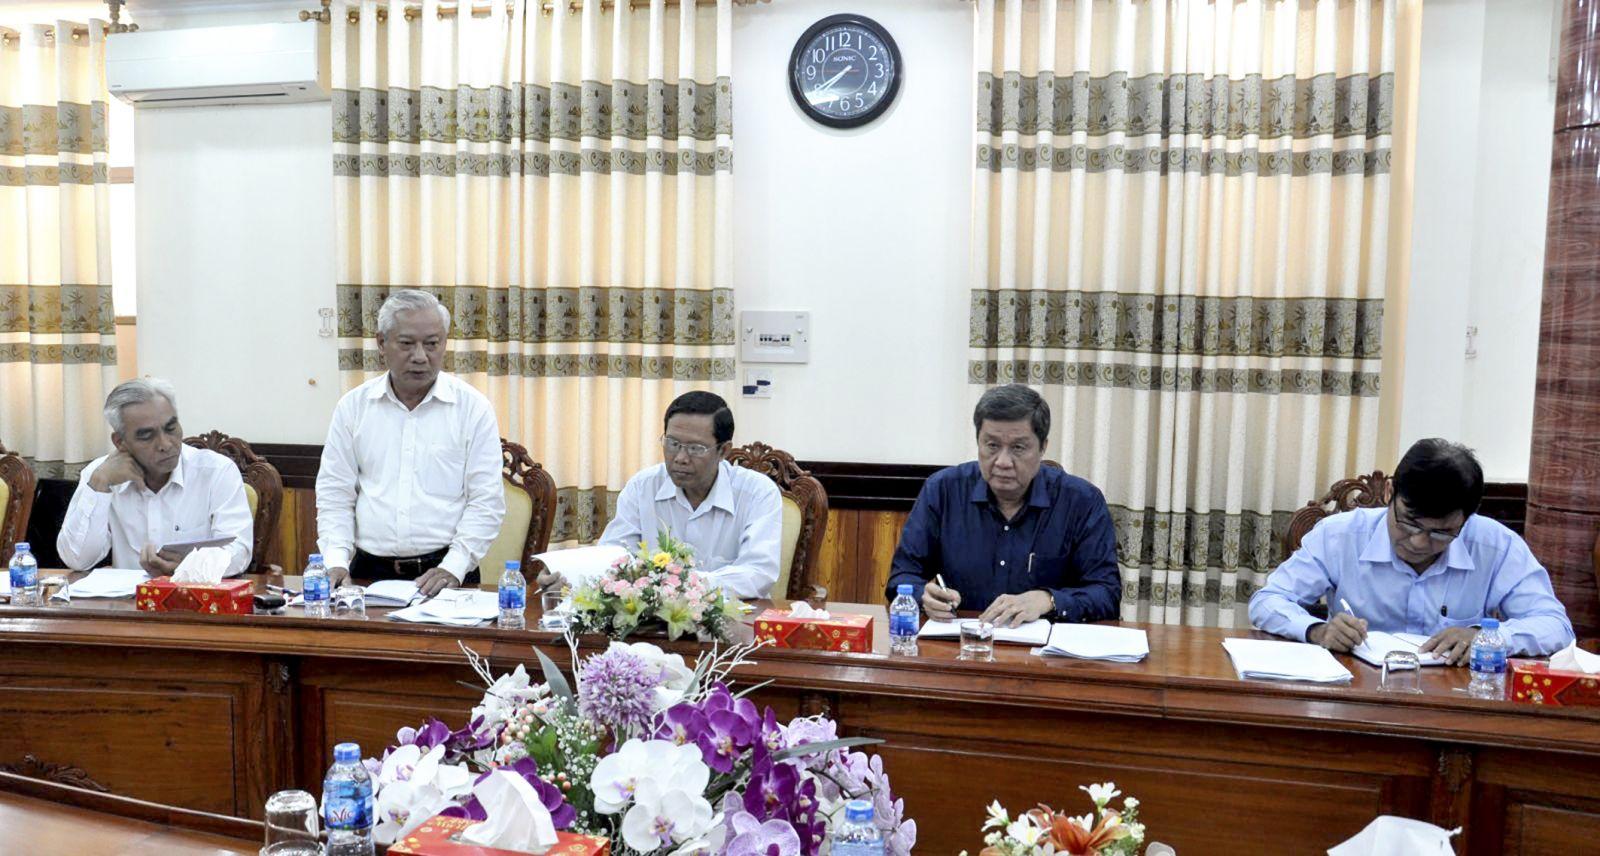 Đồng chí Mai Thanh Dân, Ủy viên Ban Thường vụ, Trưởng Ban Tổ chức Thành ủy phát biểu tại cuộc họp. Ảnh: ANH DŨNG